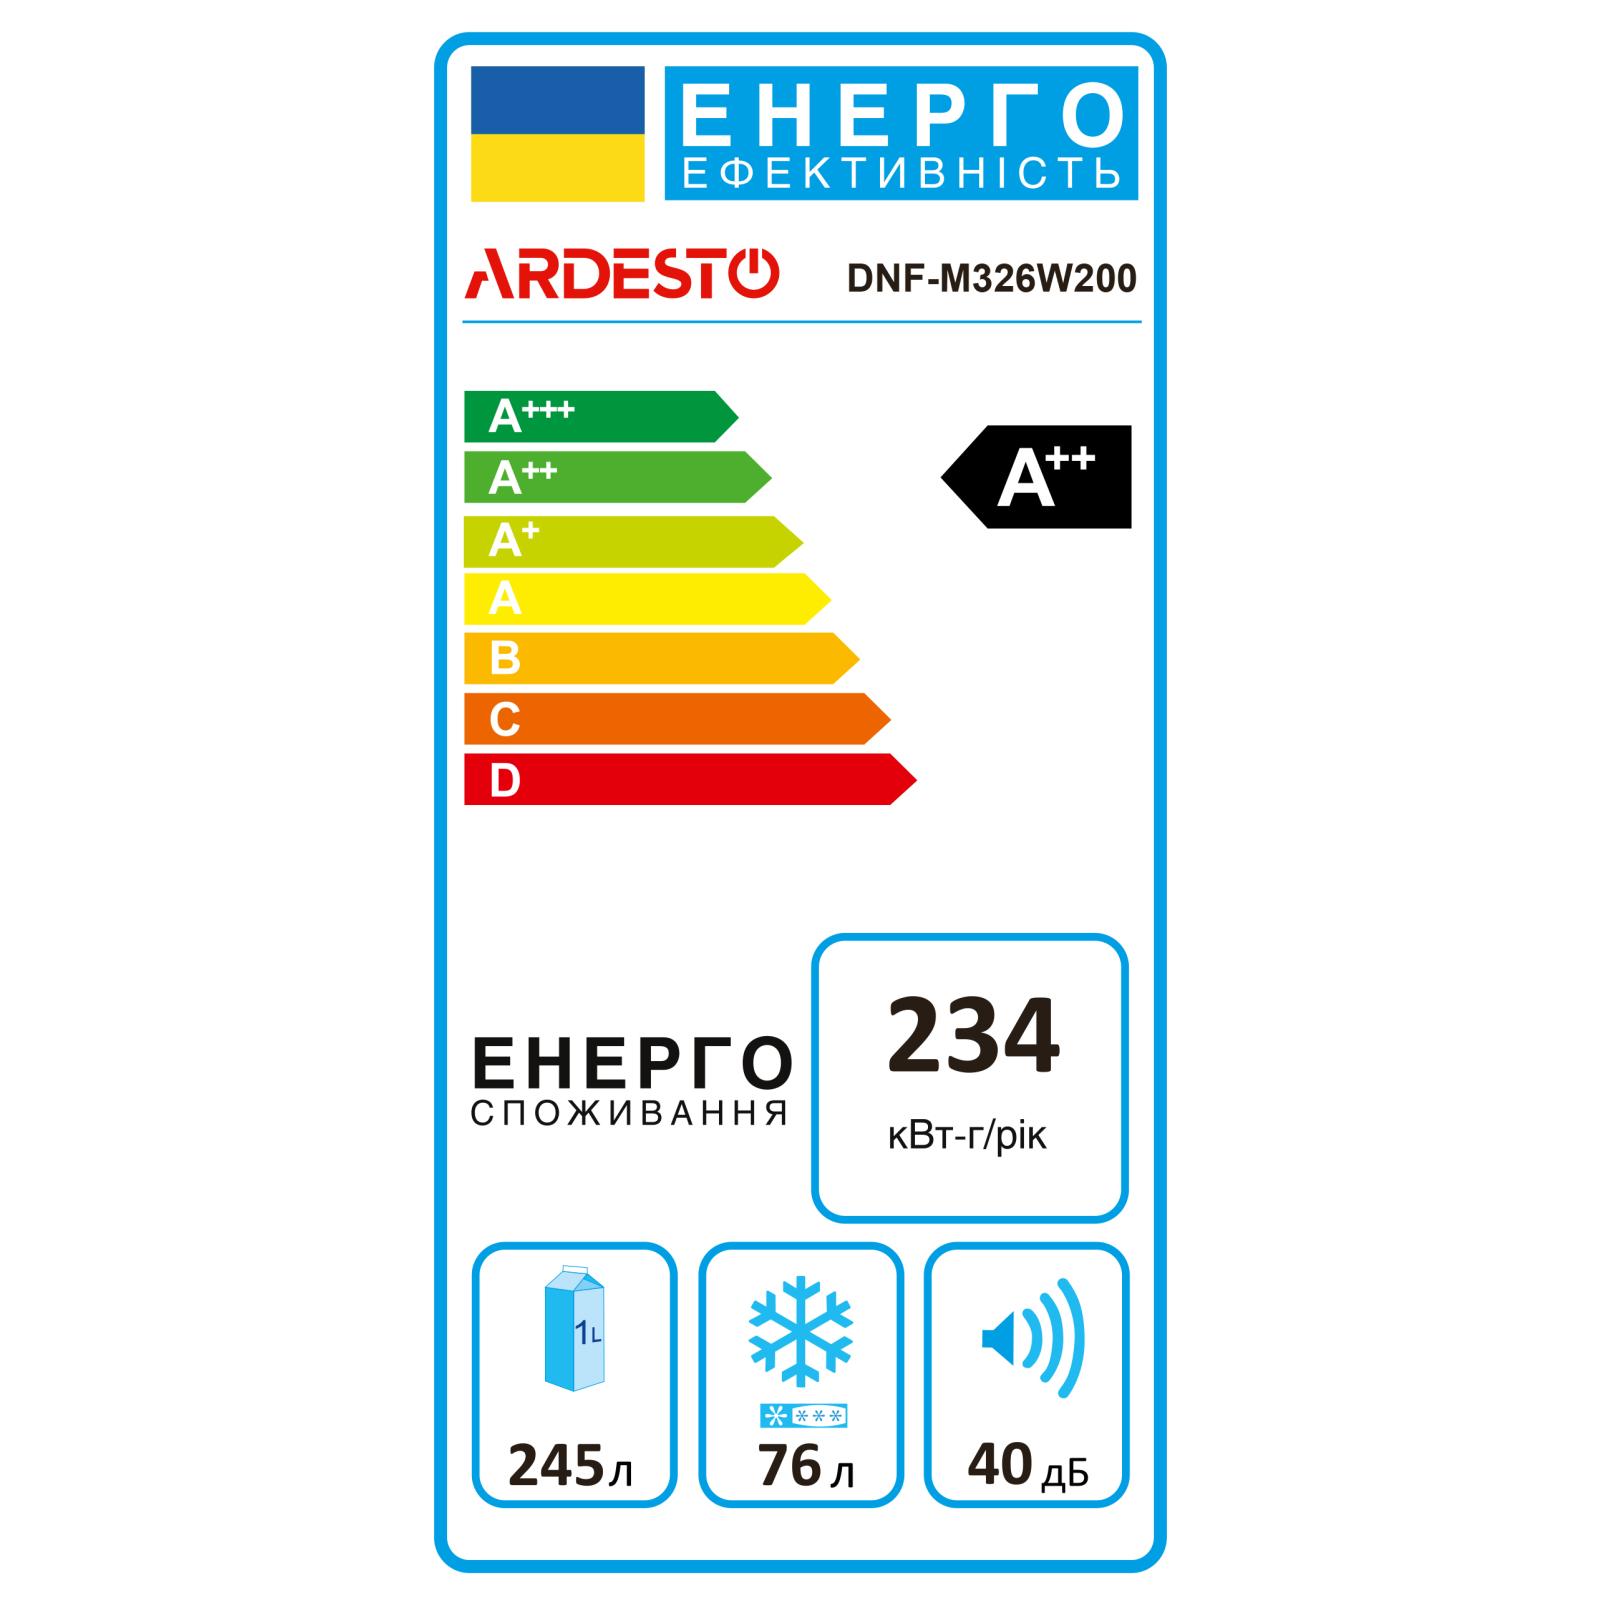 Холодильник Ardesto DNF-M326W200 зображення 6